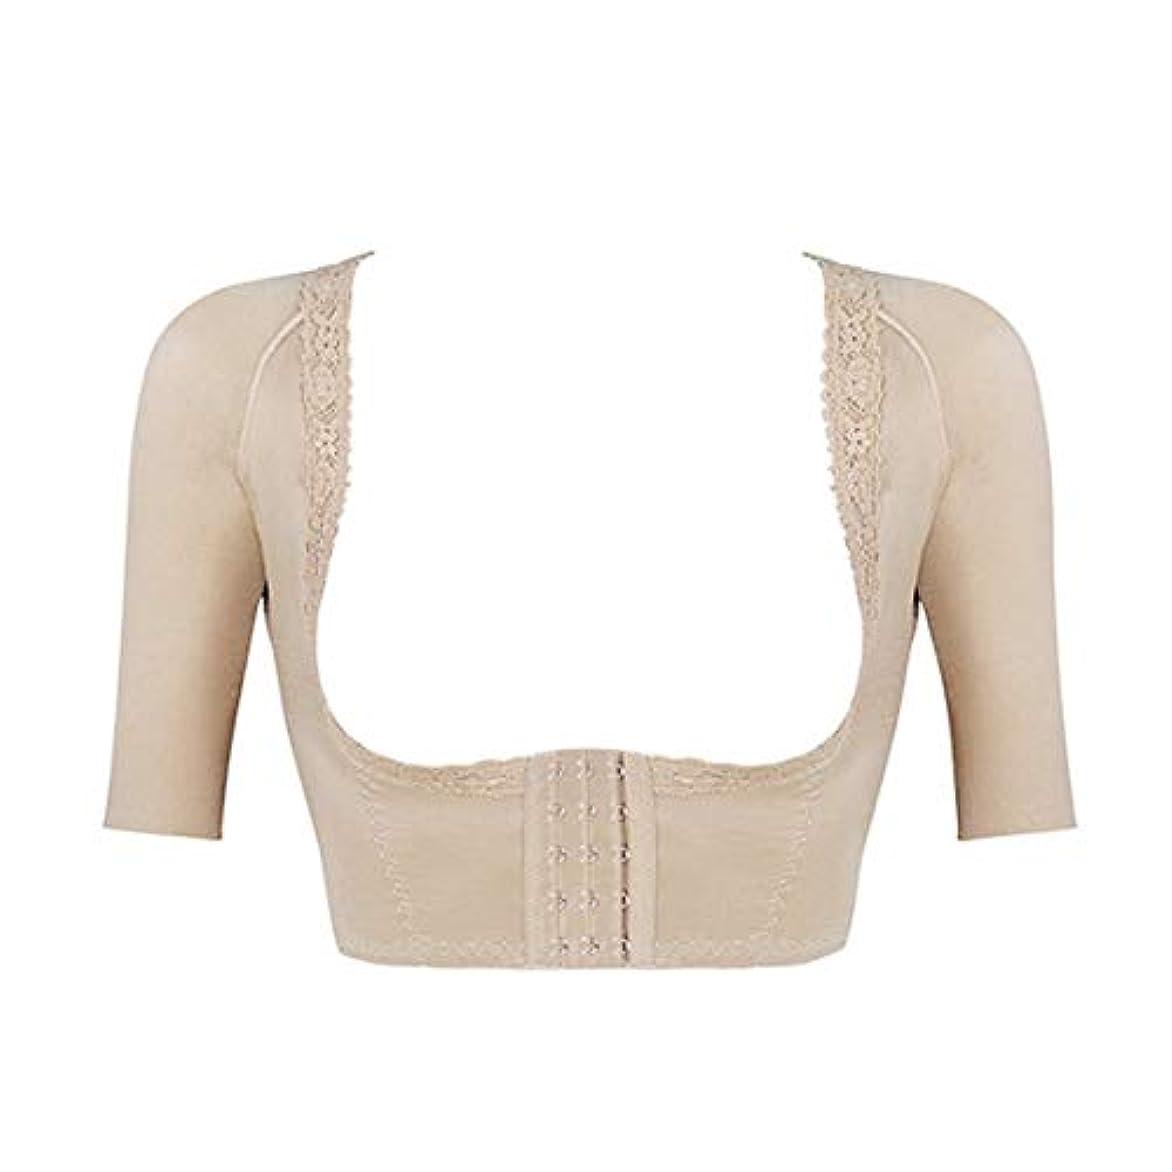 協定エトナ山温室女性のボディシェイパートップス快適な女性の腕の脂肪燃焼乳房リフトシェイプウェアスリムトレーナーコルセット-スキンカラー-70